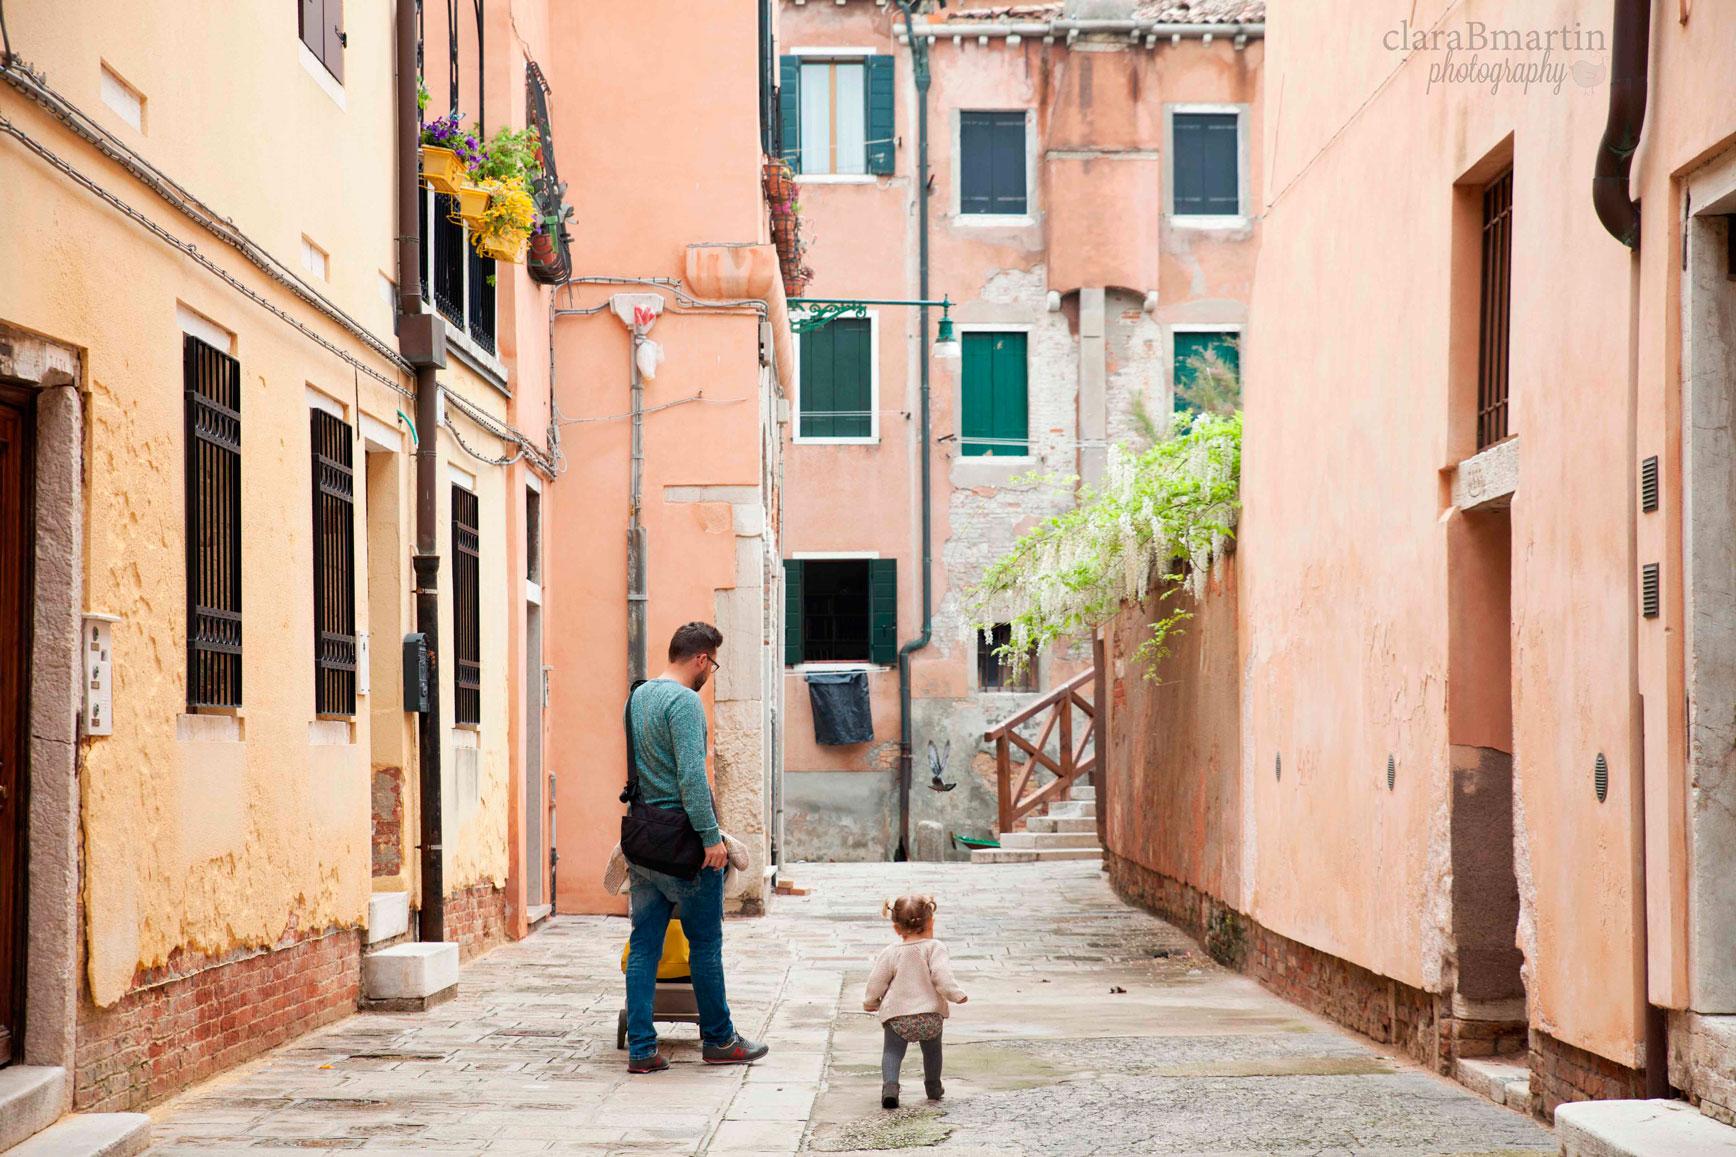 Venecia_claraBmartin_09